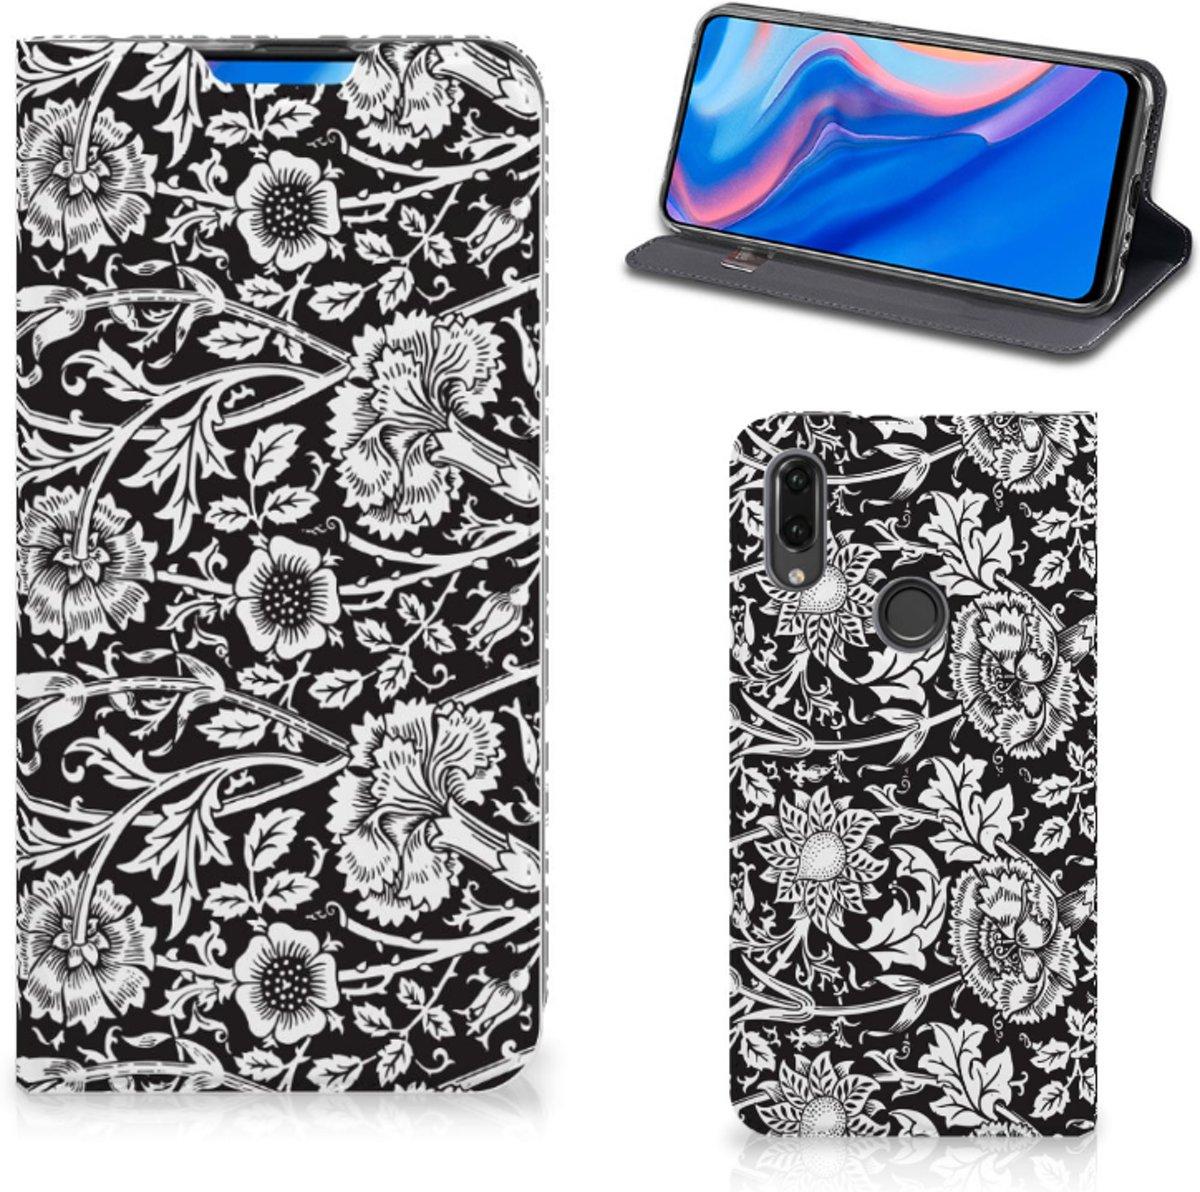 Hoesje Huawei P Smart Z Meerdere kleuren